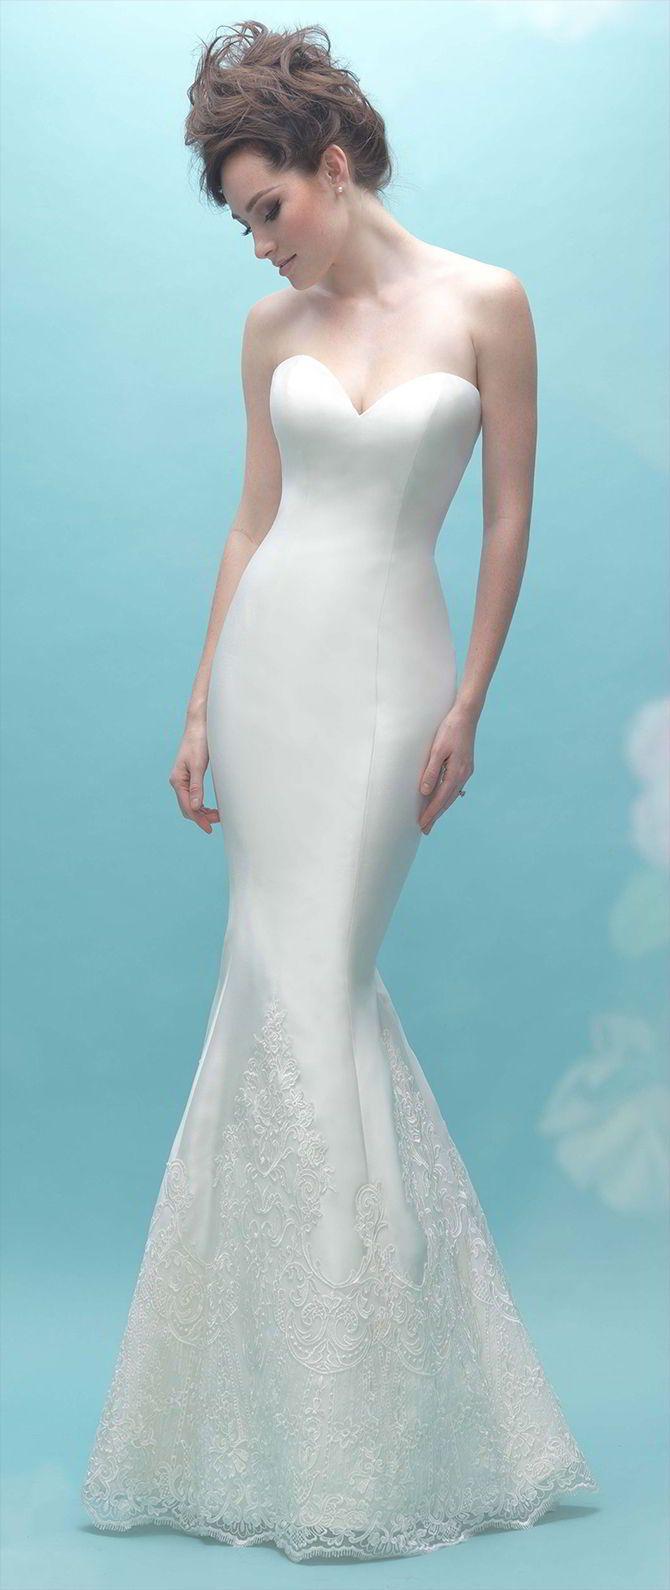 Allure Bridals Fall 2017 Wedding Dresses